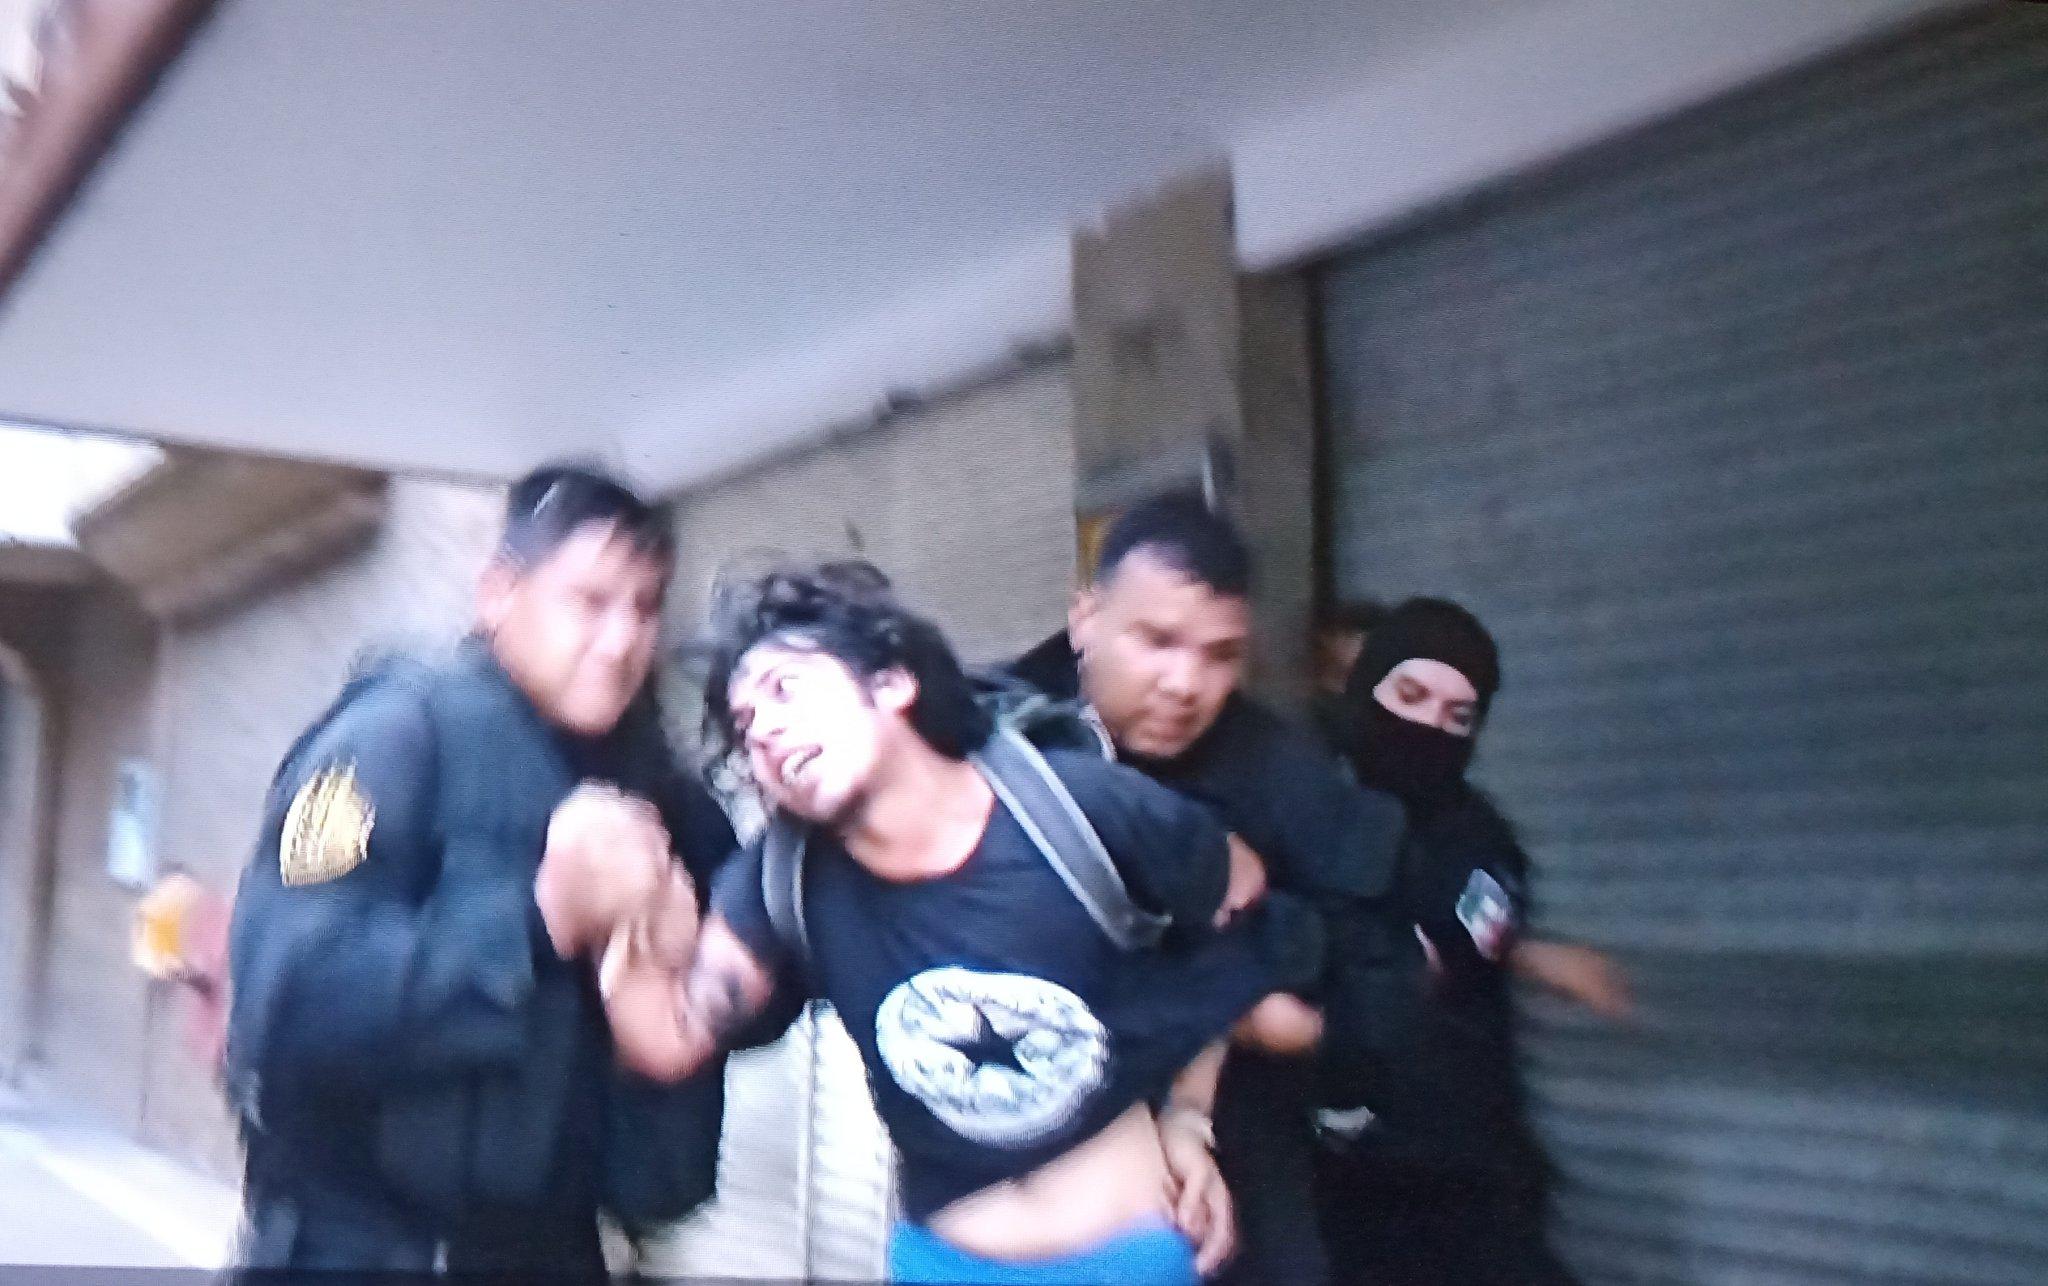 Salen a protestar por Giovanni López: Policía los reprime